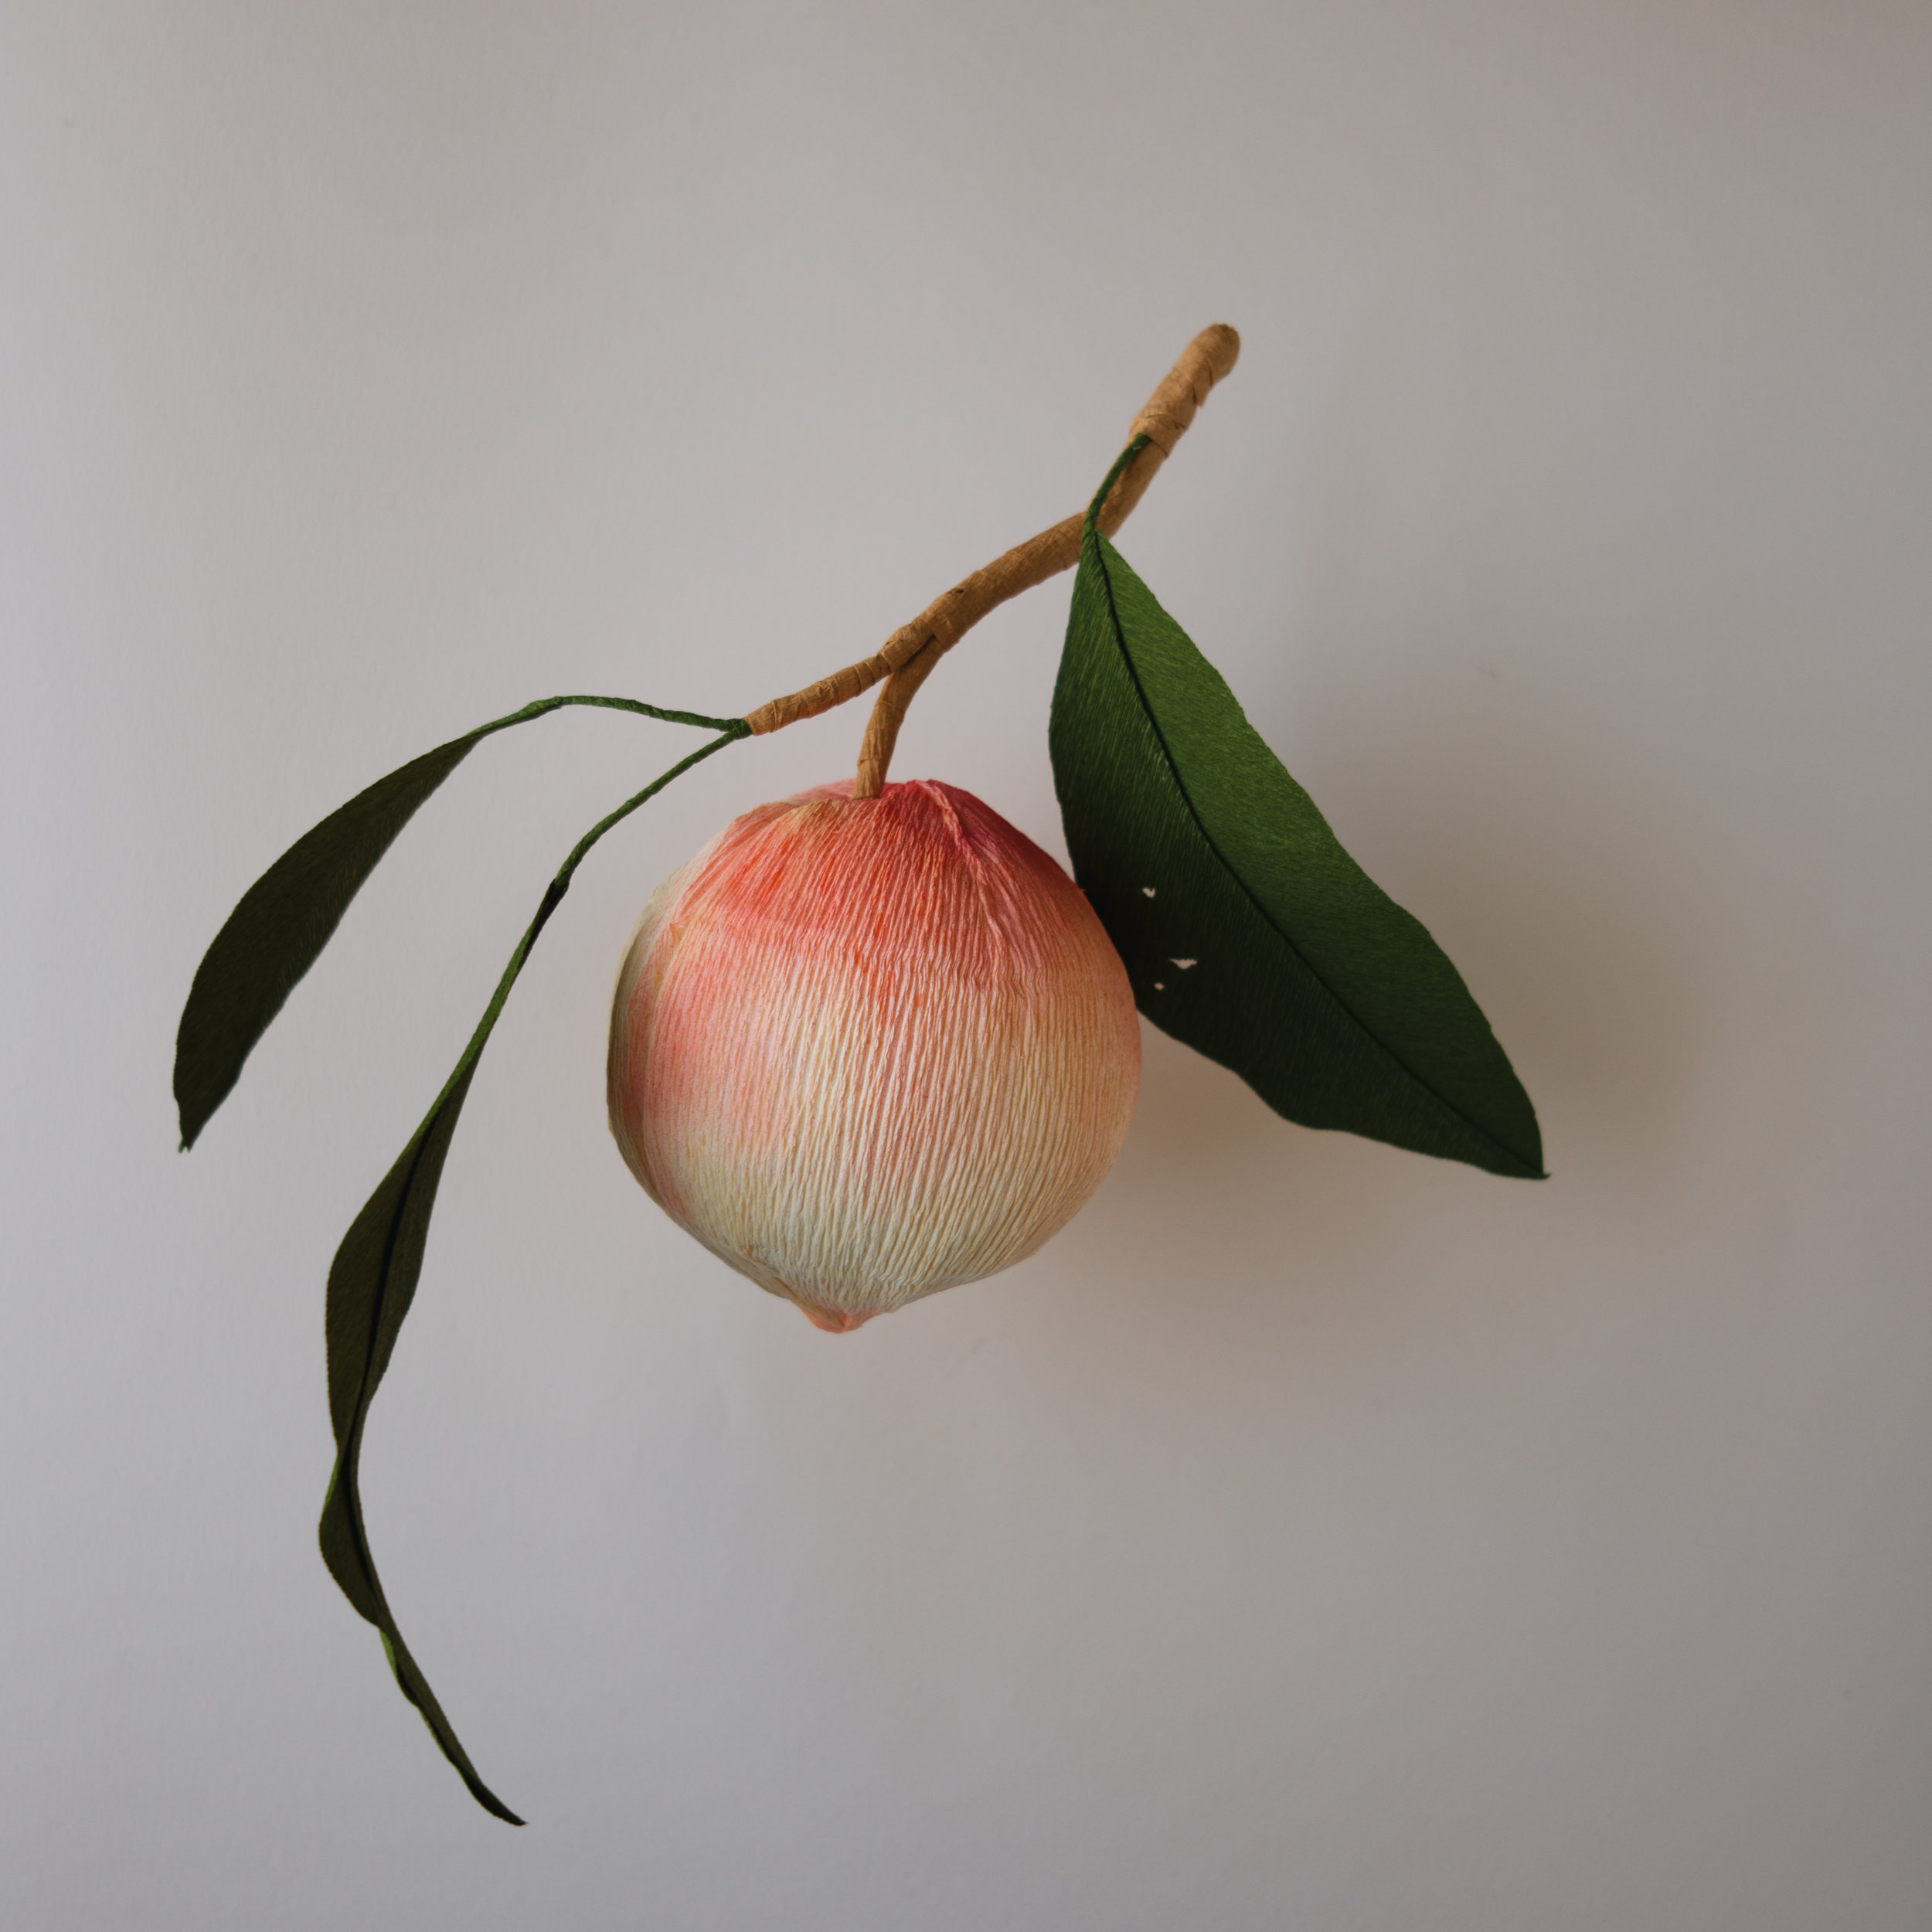 Longevity Peach